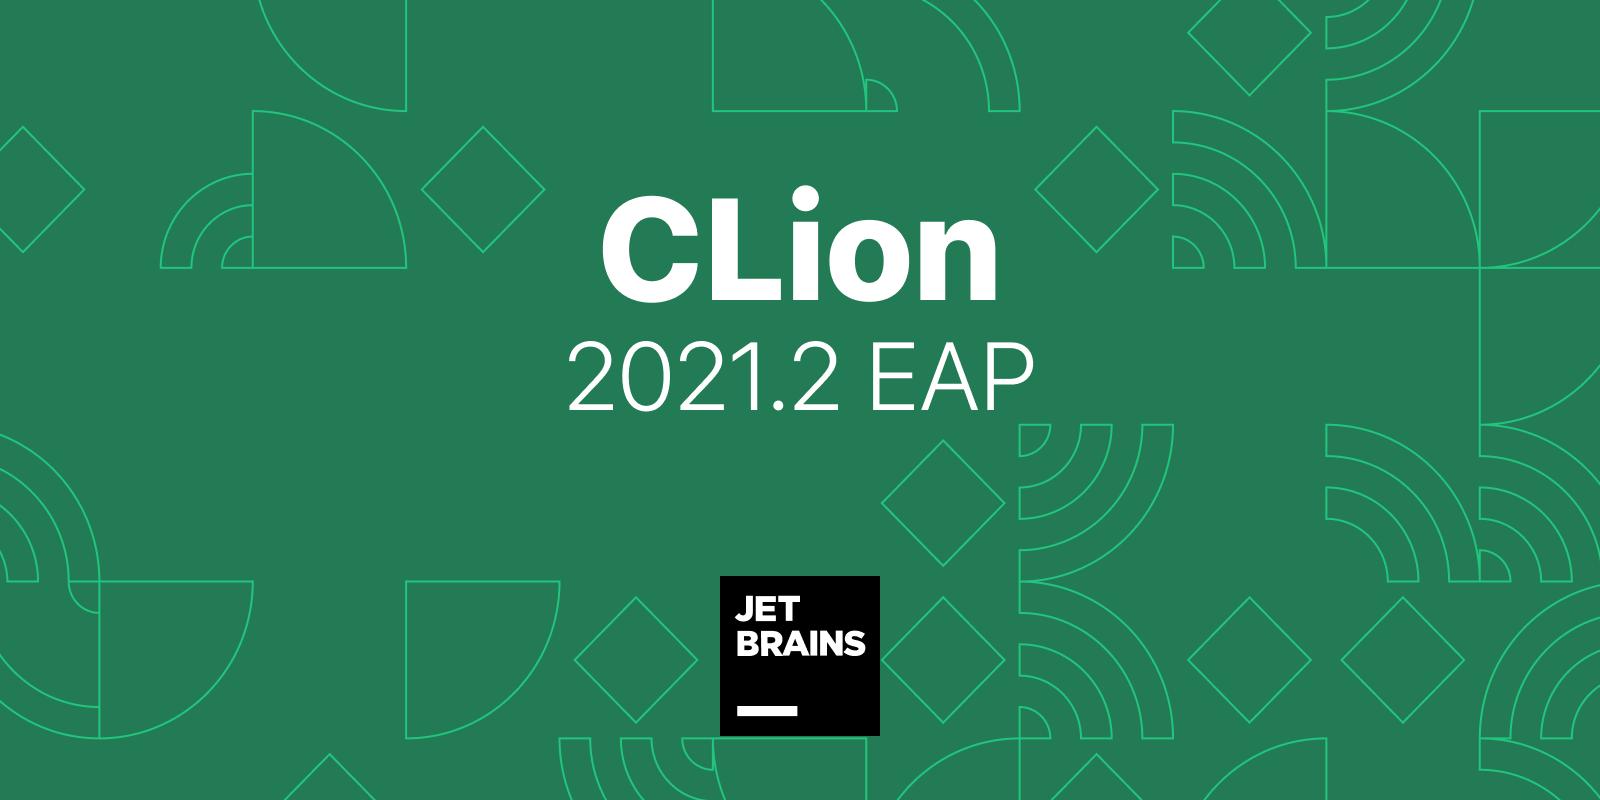 CLion EAP 2021.2